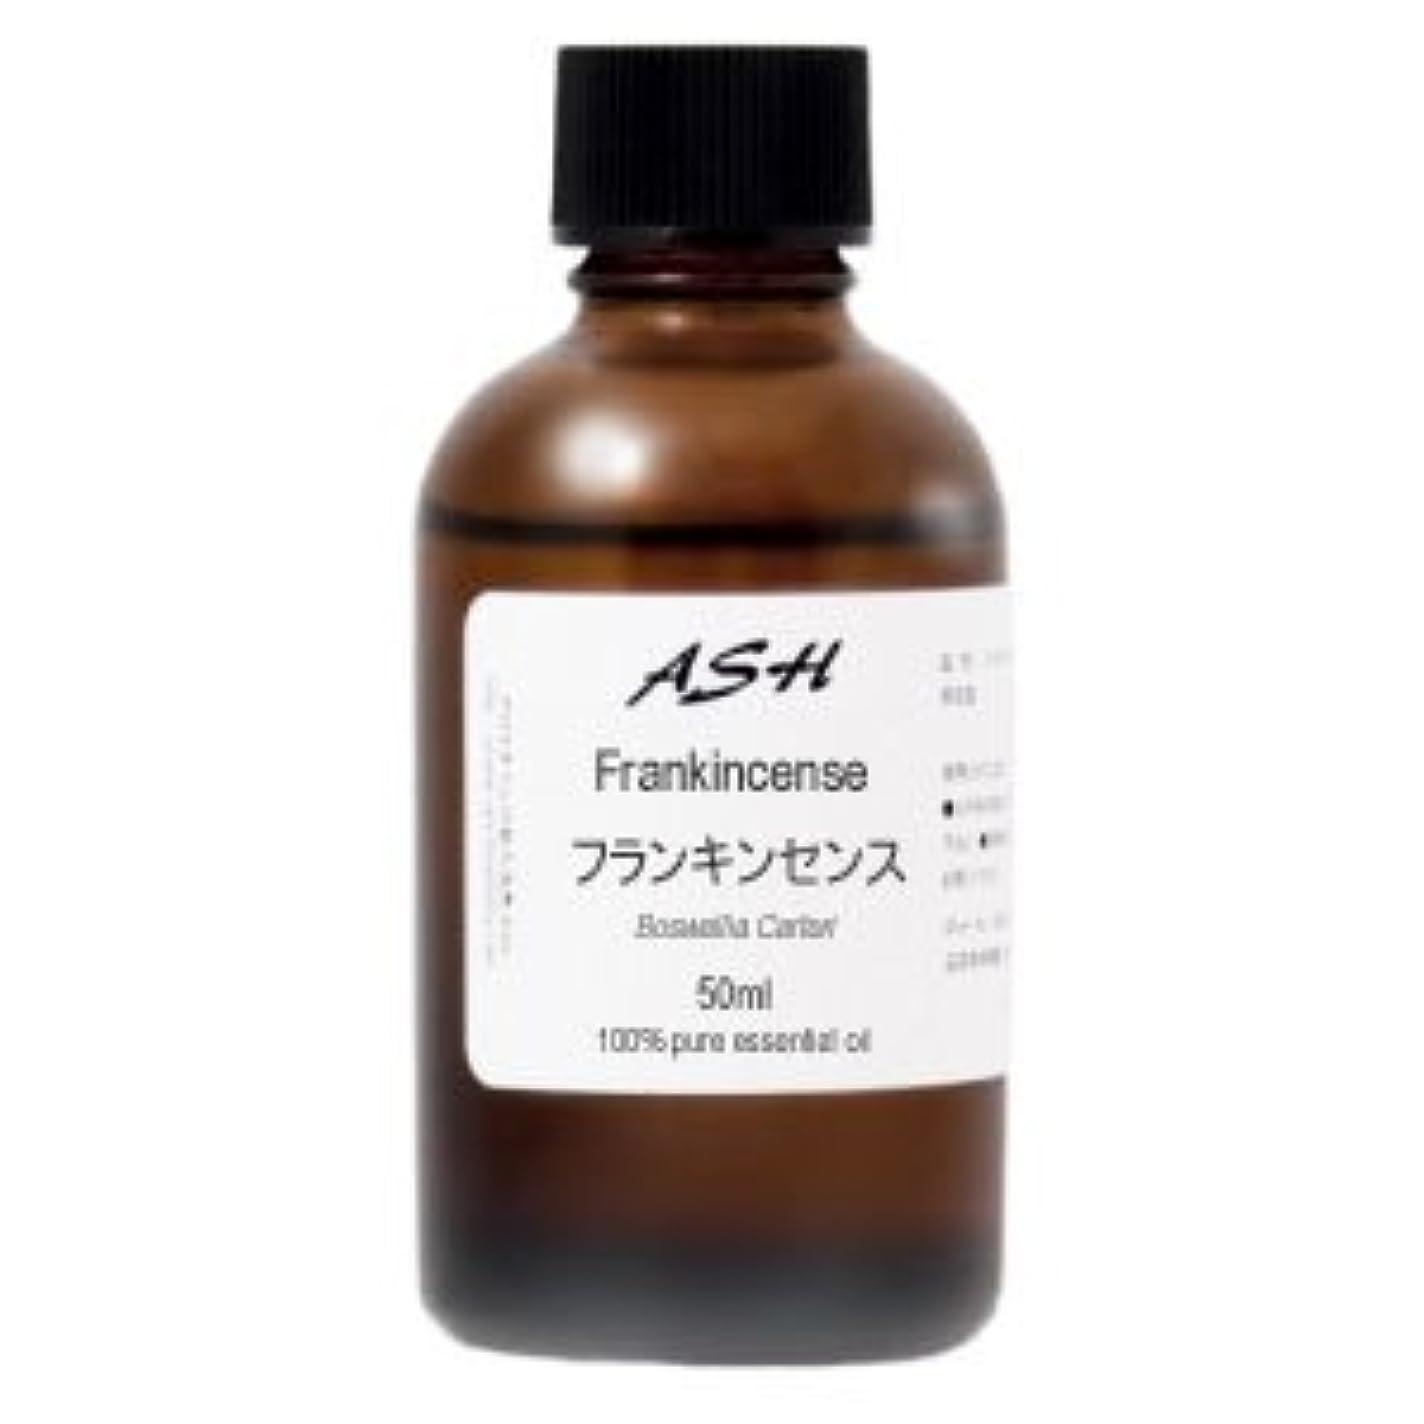 抜け目がないパントリー操作可能ASH フランキンセンス エッセンシャルオイル 50ml AEAJ表示基準適合認定精油